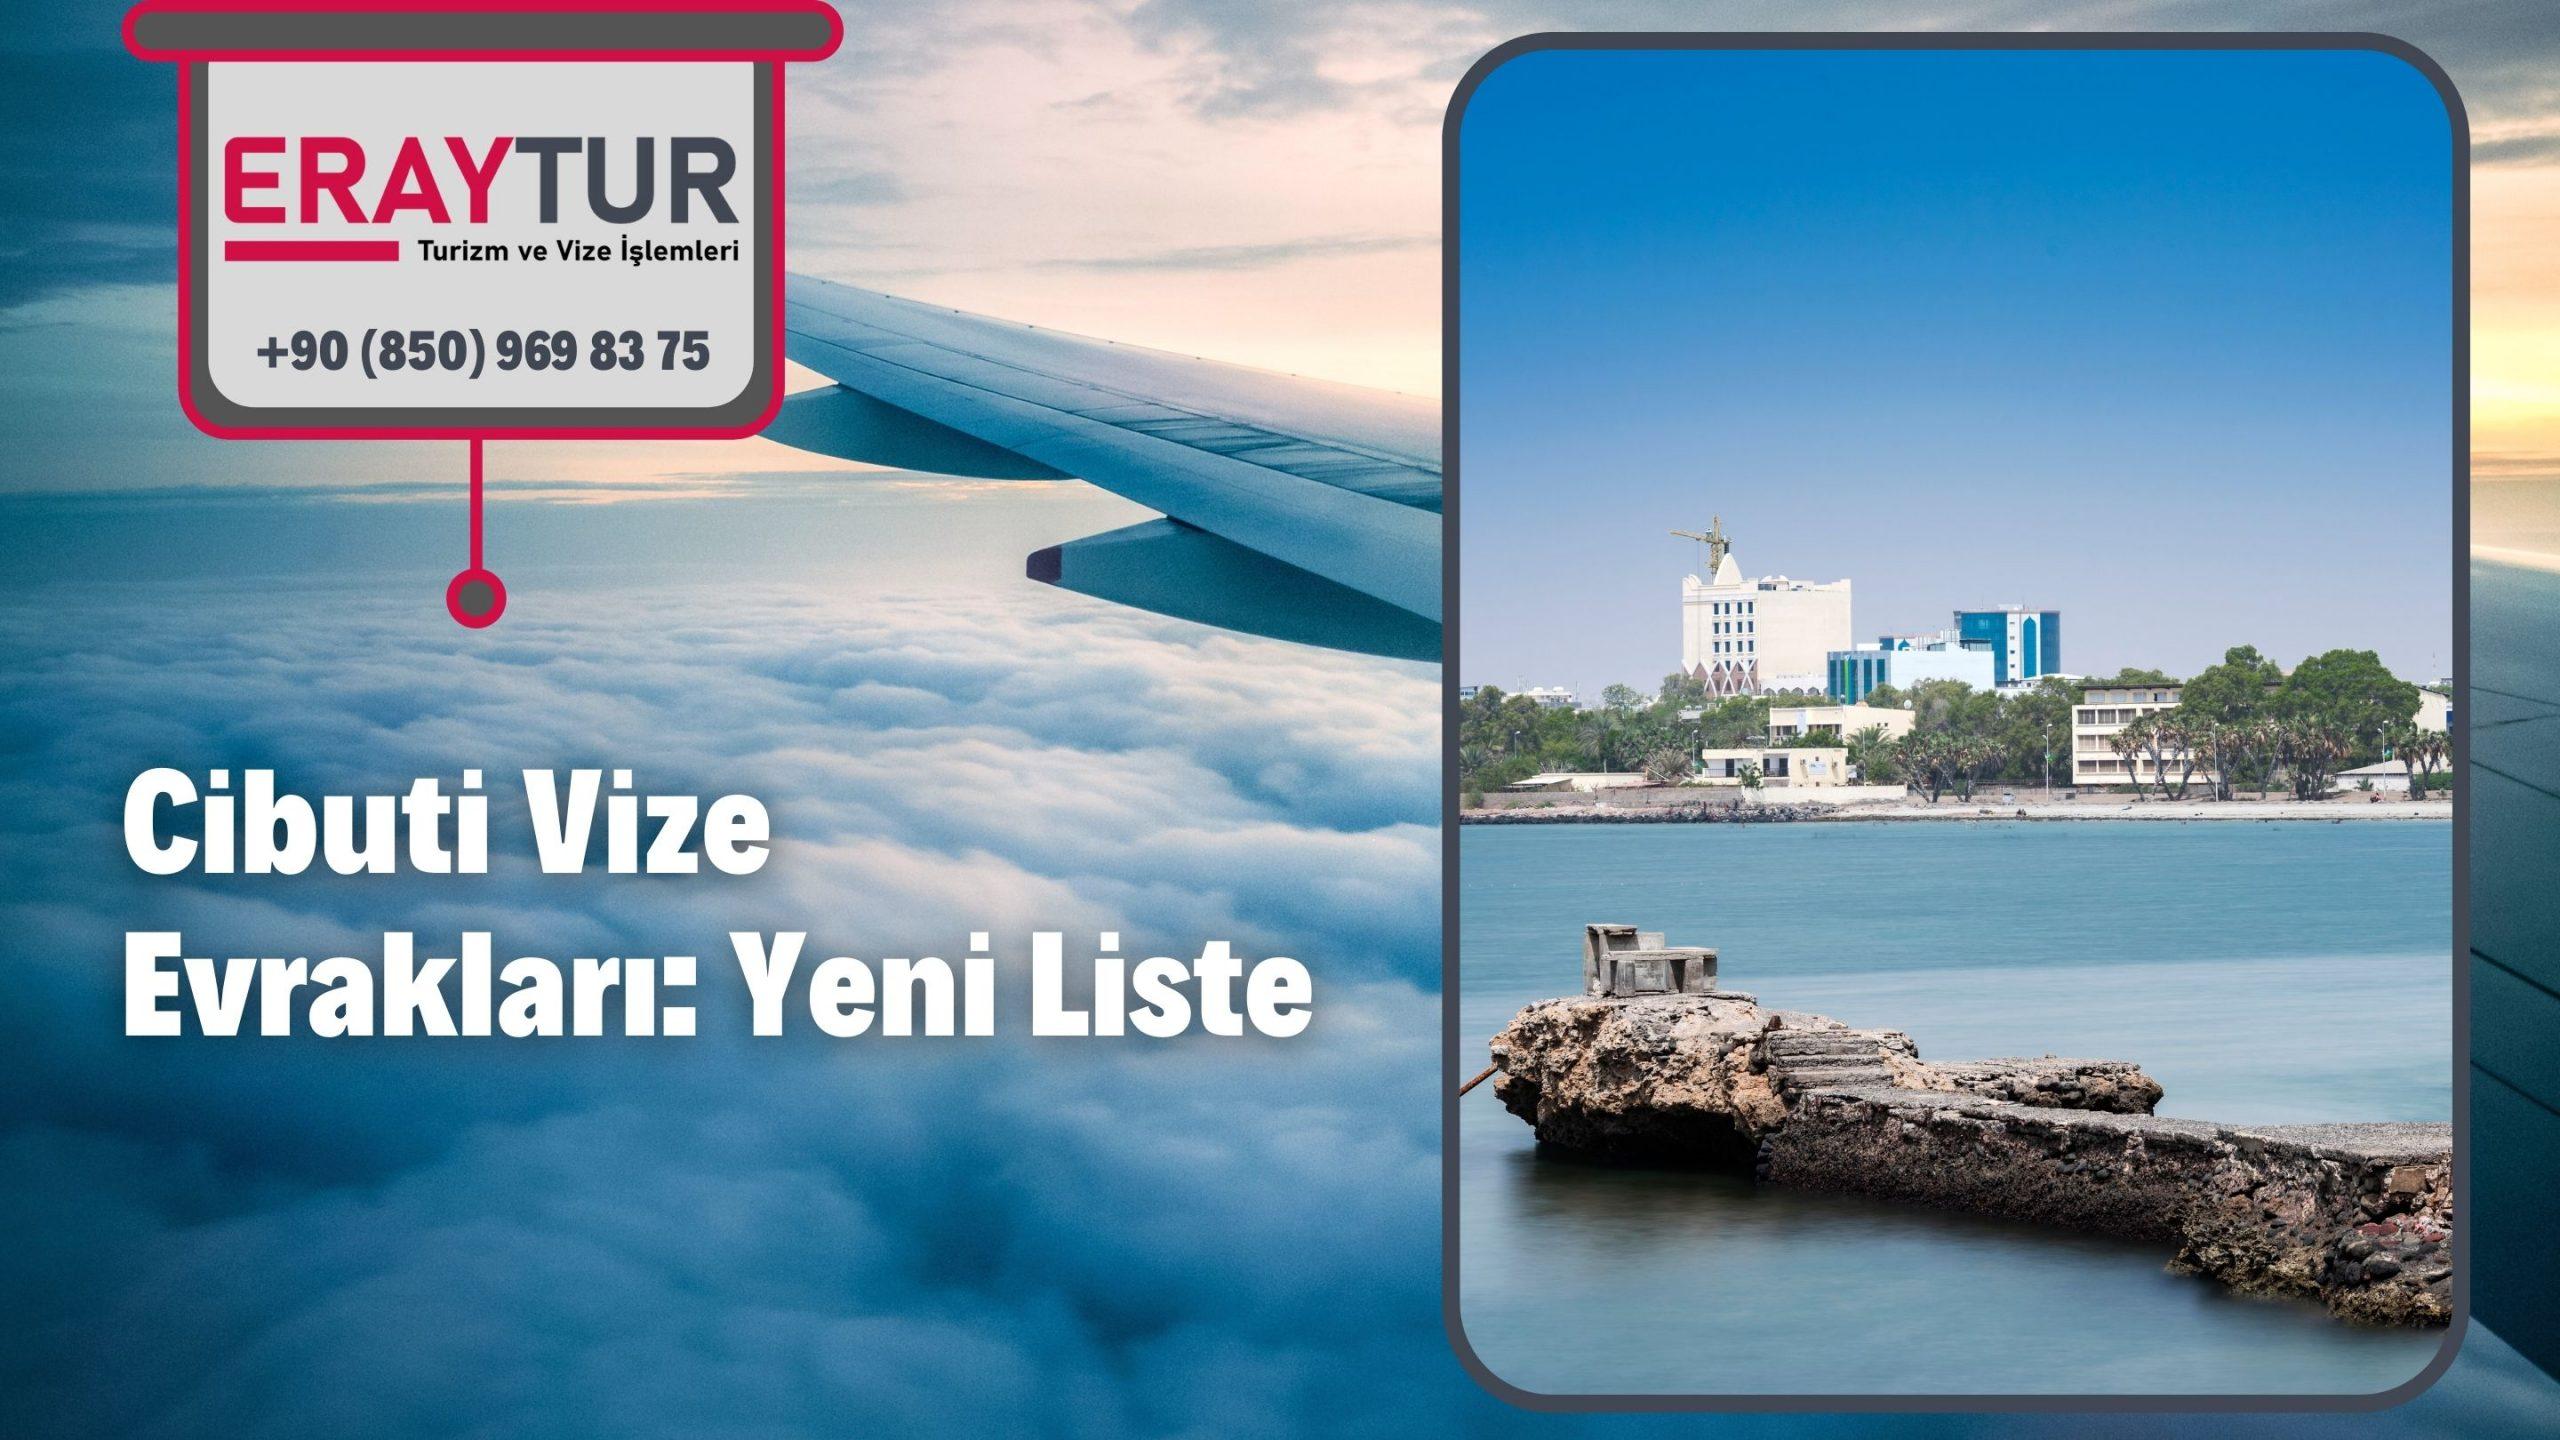 Cibuti Vize Evrakları: Yeni Liste [2021]